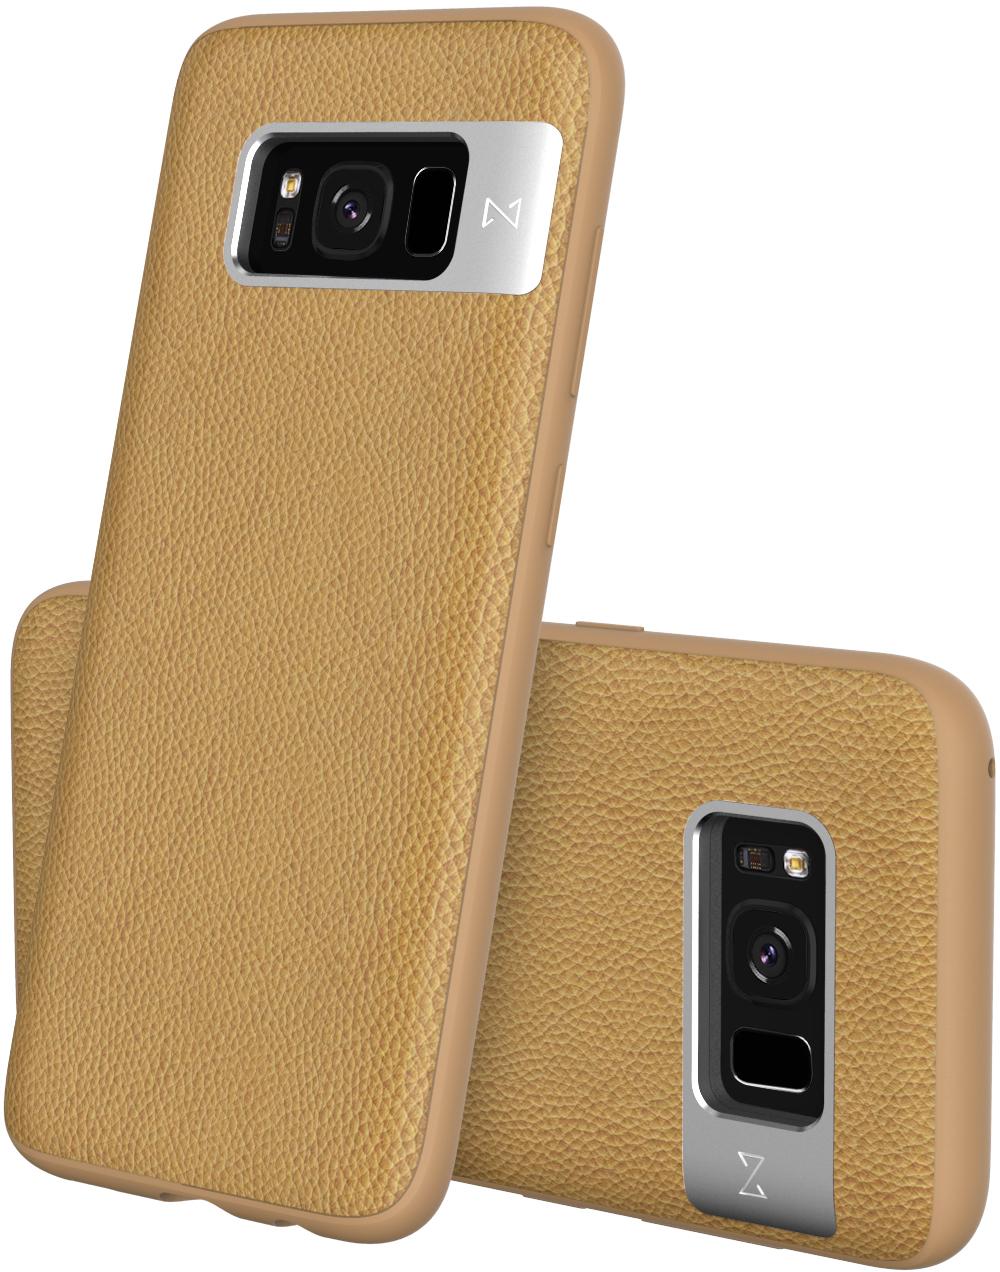 Matchnine Tailor чехол для Samsung Galaxy S8 Plus, Camel BrownENV058Чехол Matchnine Tailor - стильный аксессуар, обеспечивающий надежную защиту Samsung Galaxy S8 Plus от ударов и других воздействий. Его задняя панель изготовлена из жесткого поликарбоната, стилизованного под кожу, а бампер - из эластичного полиуретана. Кроме того, он украшен металлической накладкой, обрамляющей камеру.Мягкая рамка позволяет быстро надевать клип-кейс. Она слегка выступает над экраном, защищая его от контактов с твердыми поверхностями.Несмотря на отличные защитные свойства, чехол практически не увеличивает размеры устройства. С ним мобильный девайс можно носить в кармане или в специальном отделении сумки. Вырезы в клип-кейсе предоставляют доступ к важнейшим деталям смартфона, включая камеры, кнопки и разъемы.